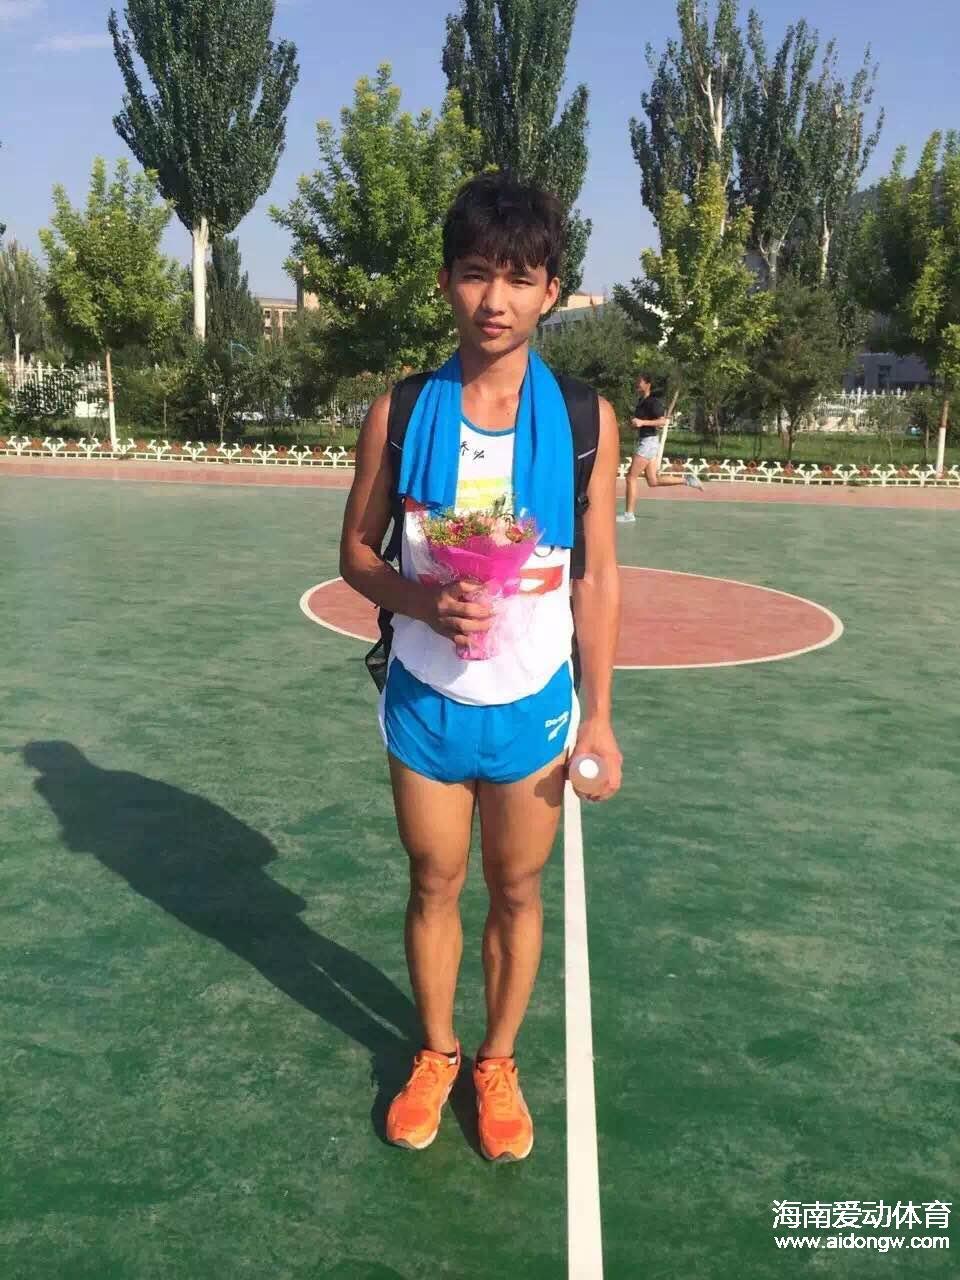 海南田径小将丁成贵将代表中国队征战2017年世界少年(U18)田径锦标赛